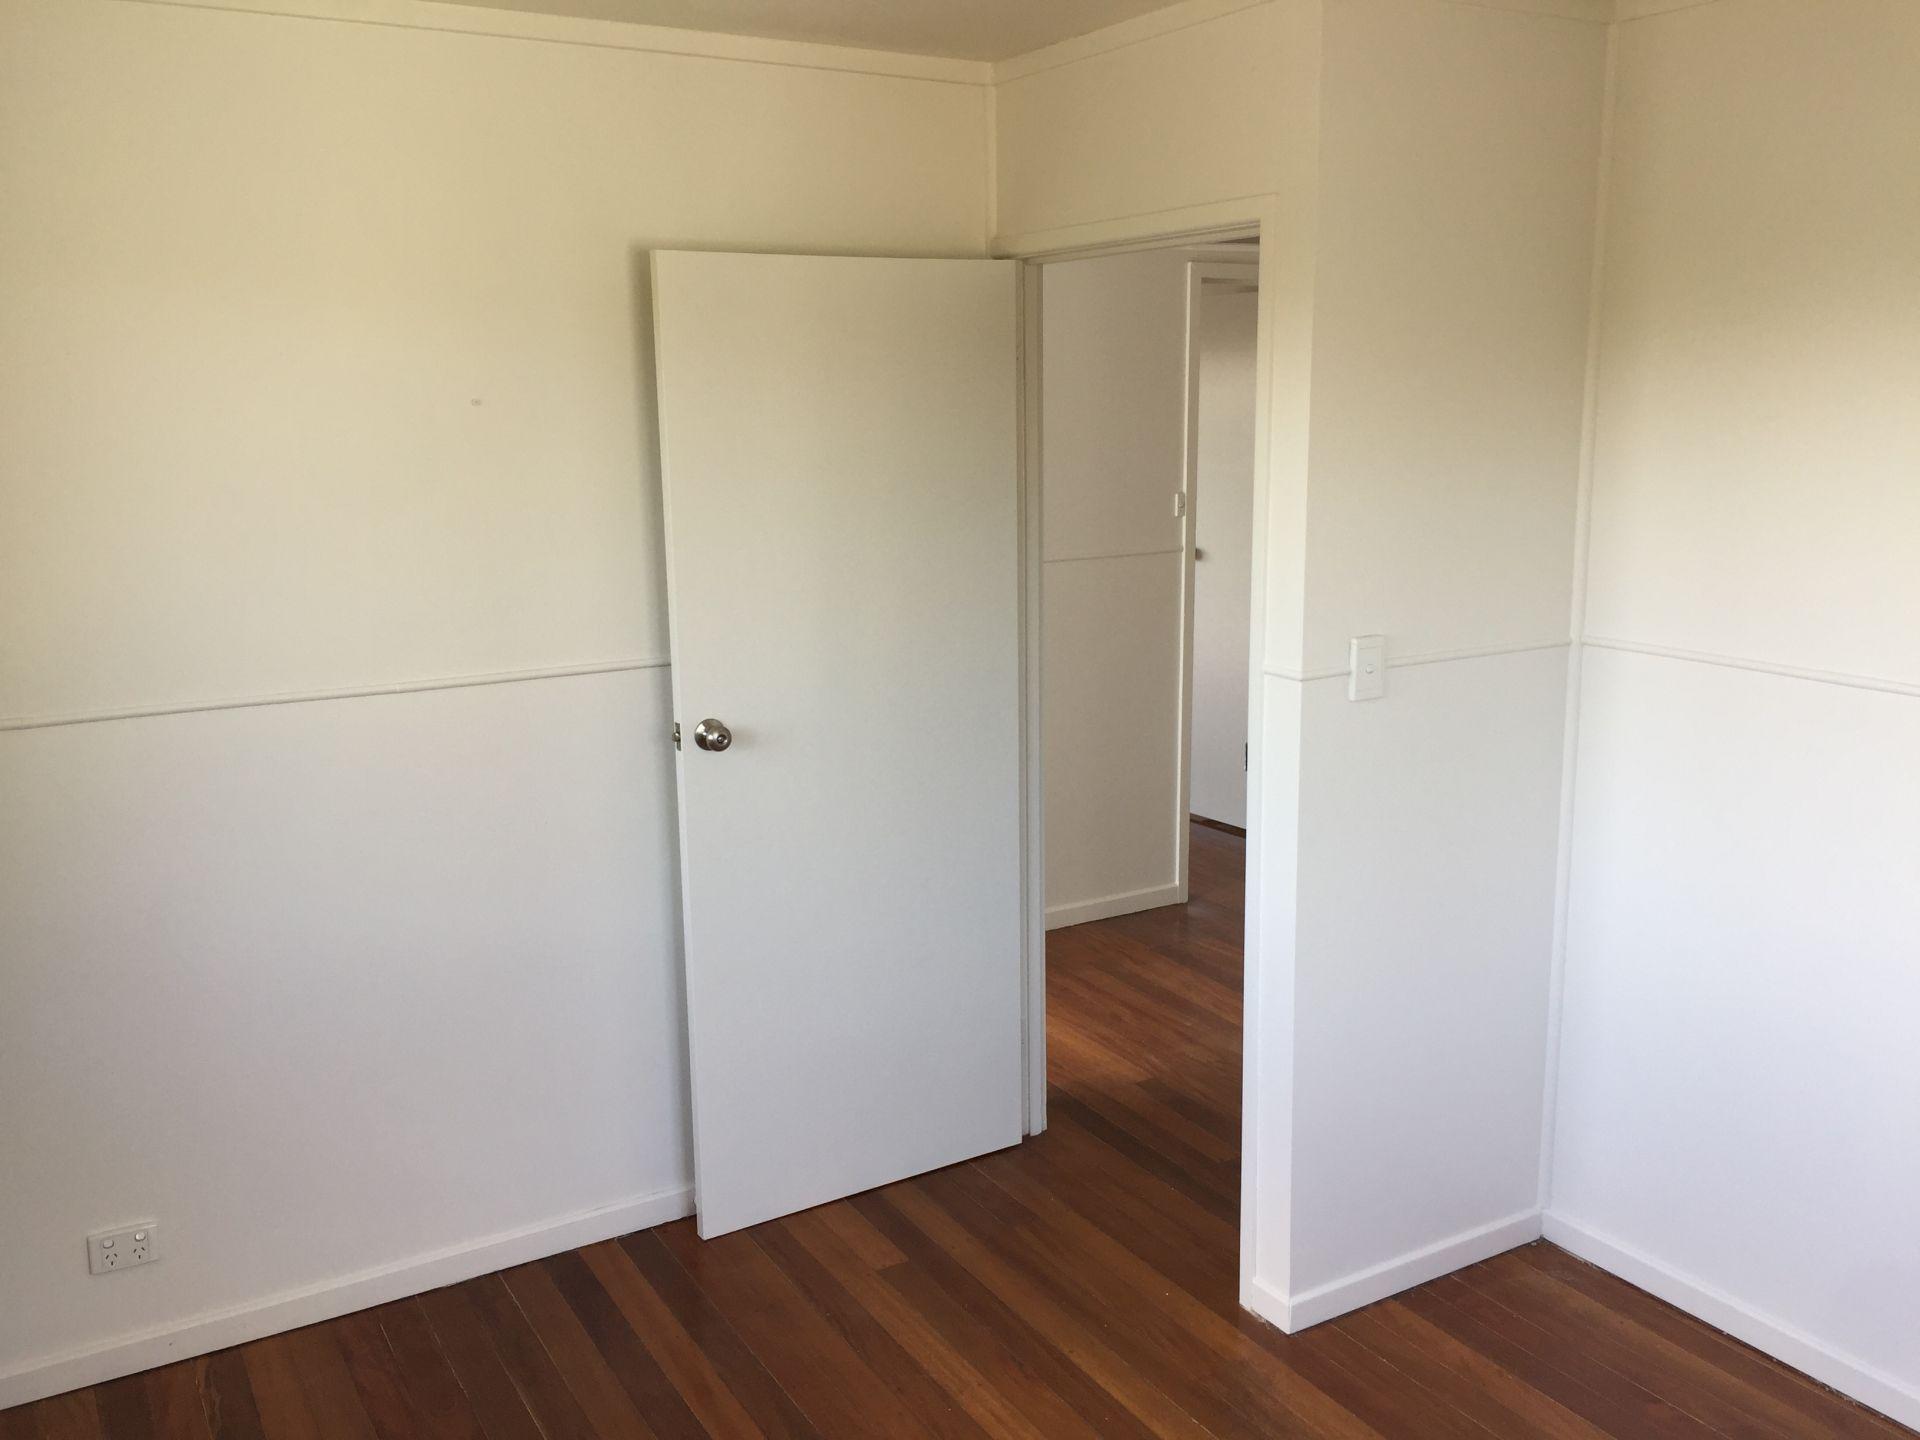 SALISBURY, QLD 4107